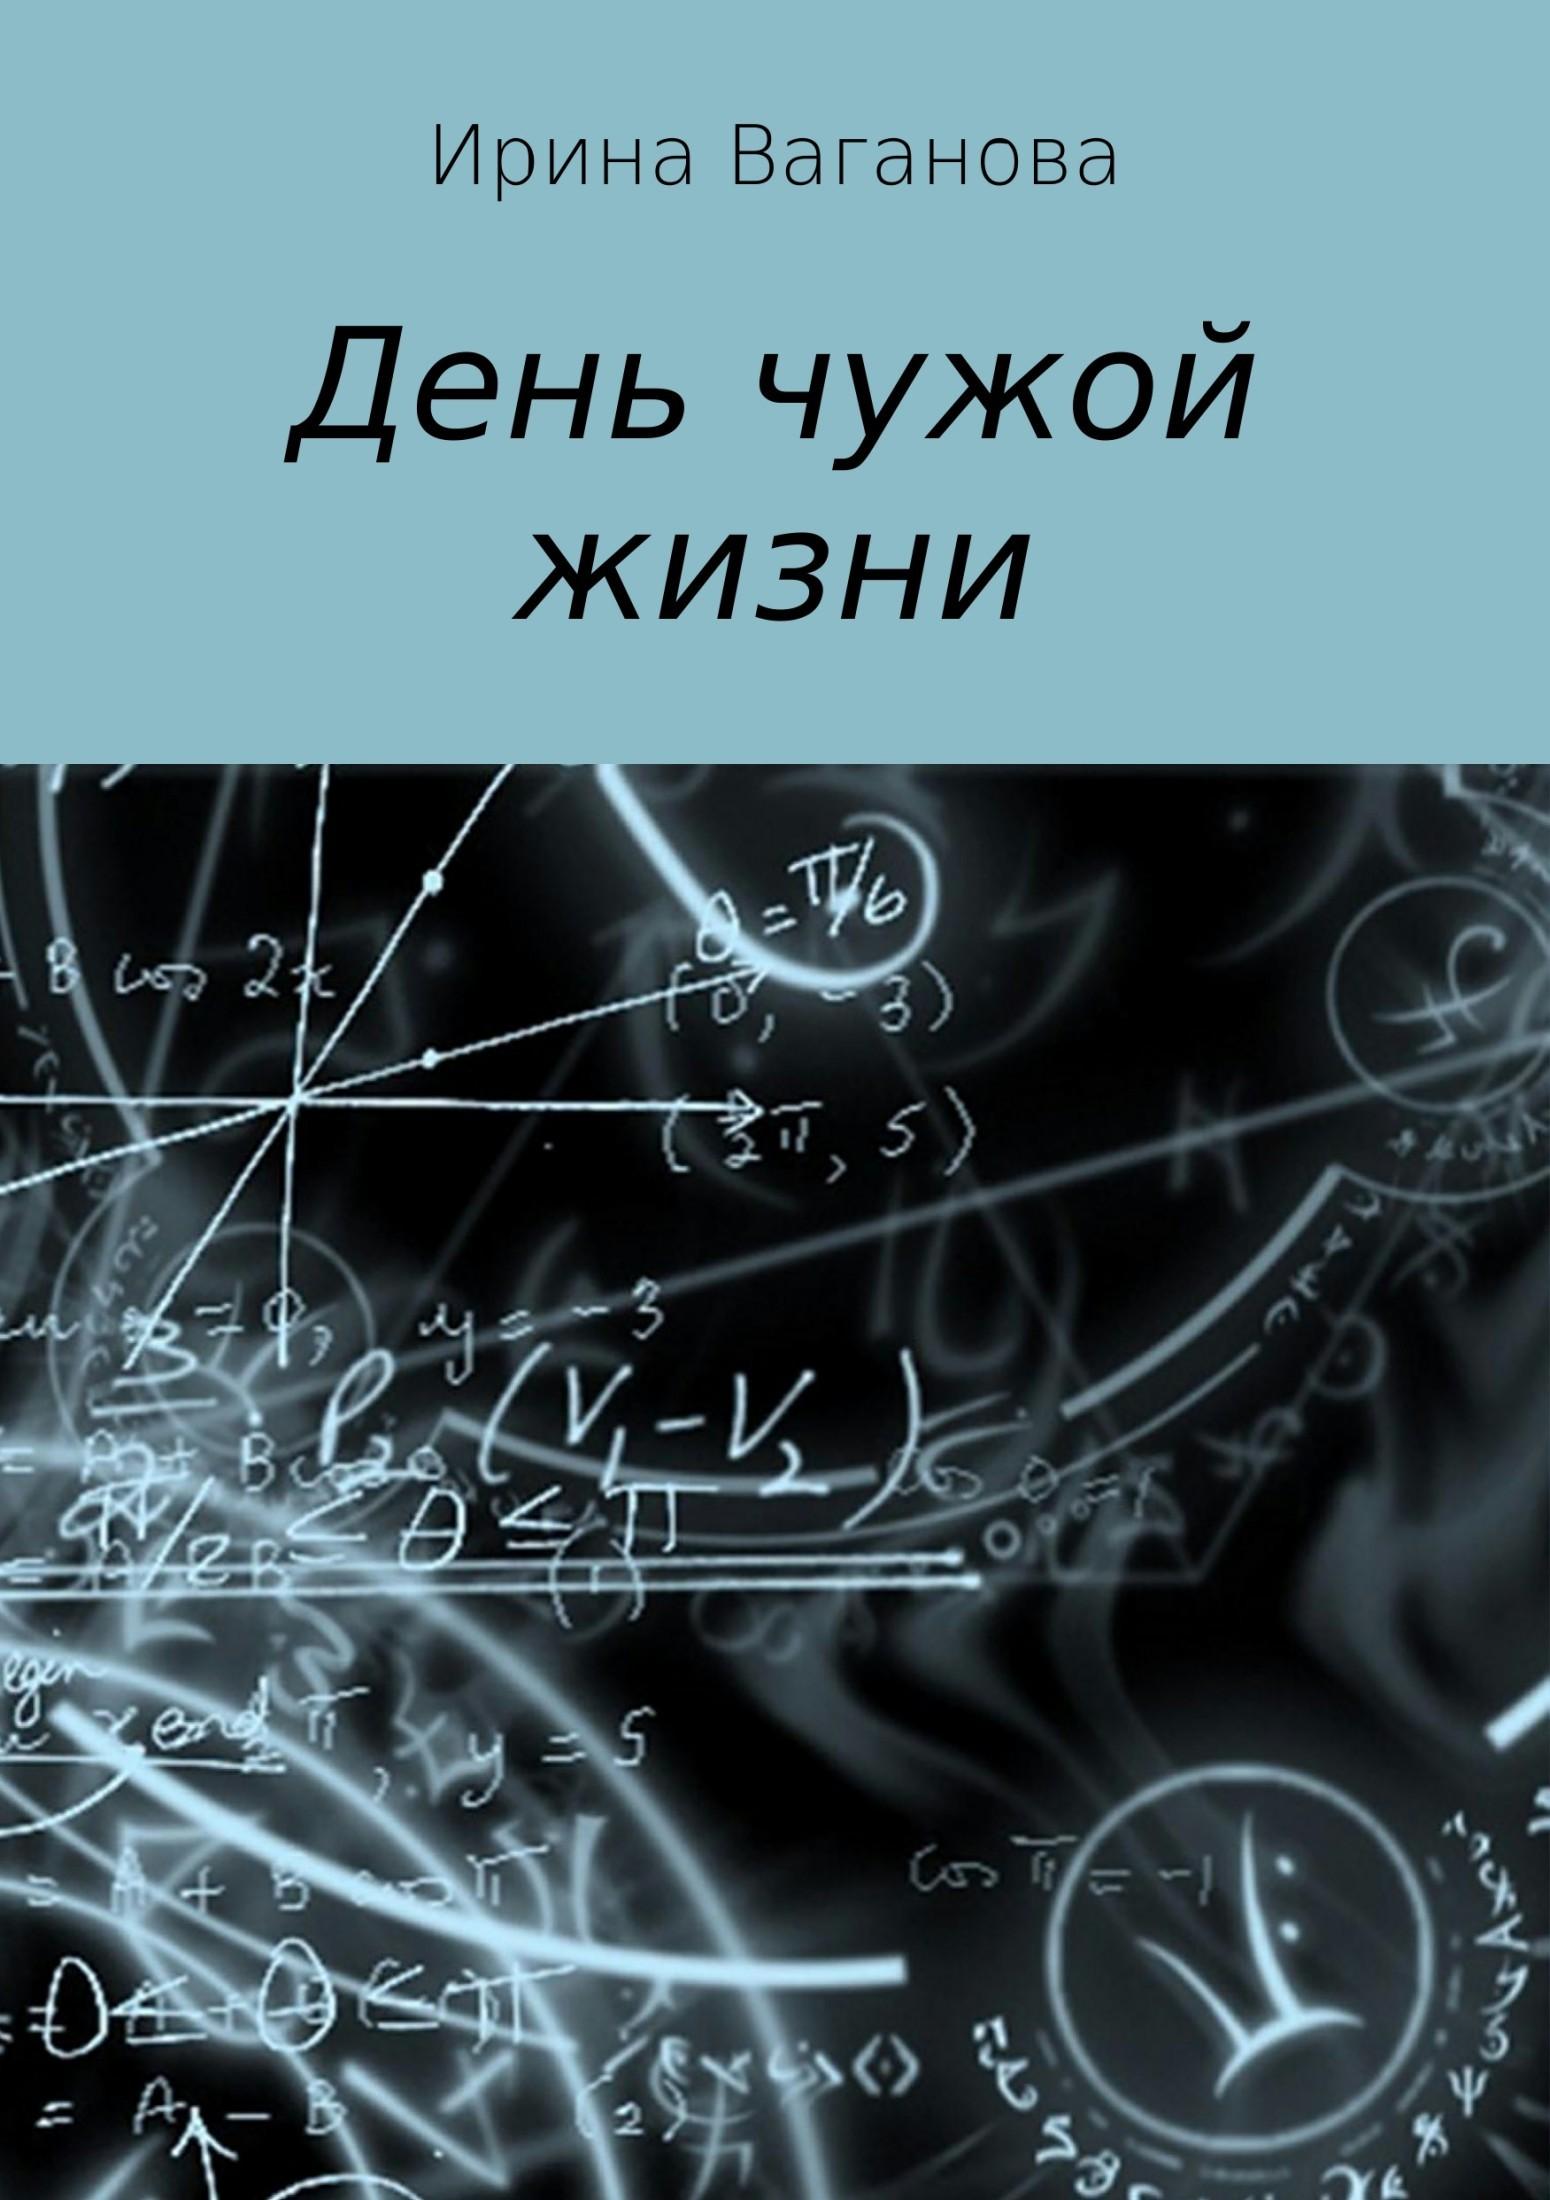 Ирина Ваганова. День чужой жизни